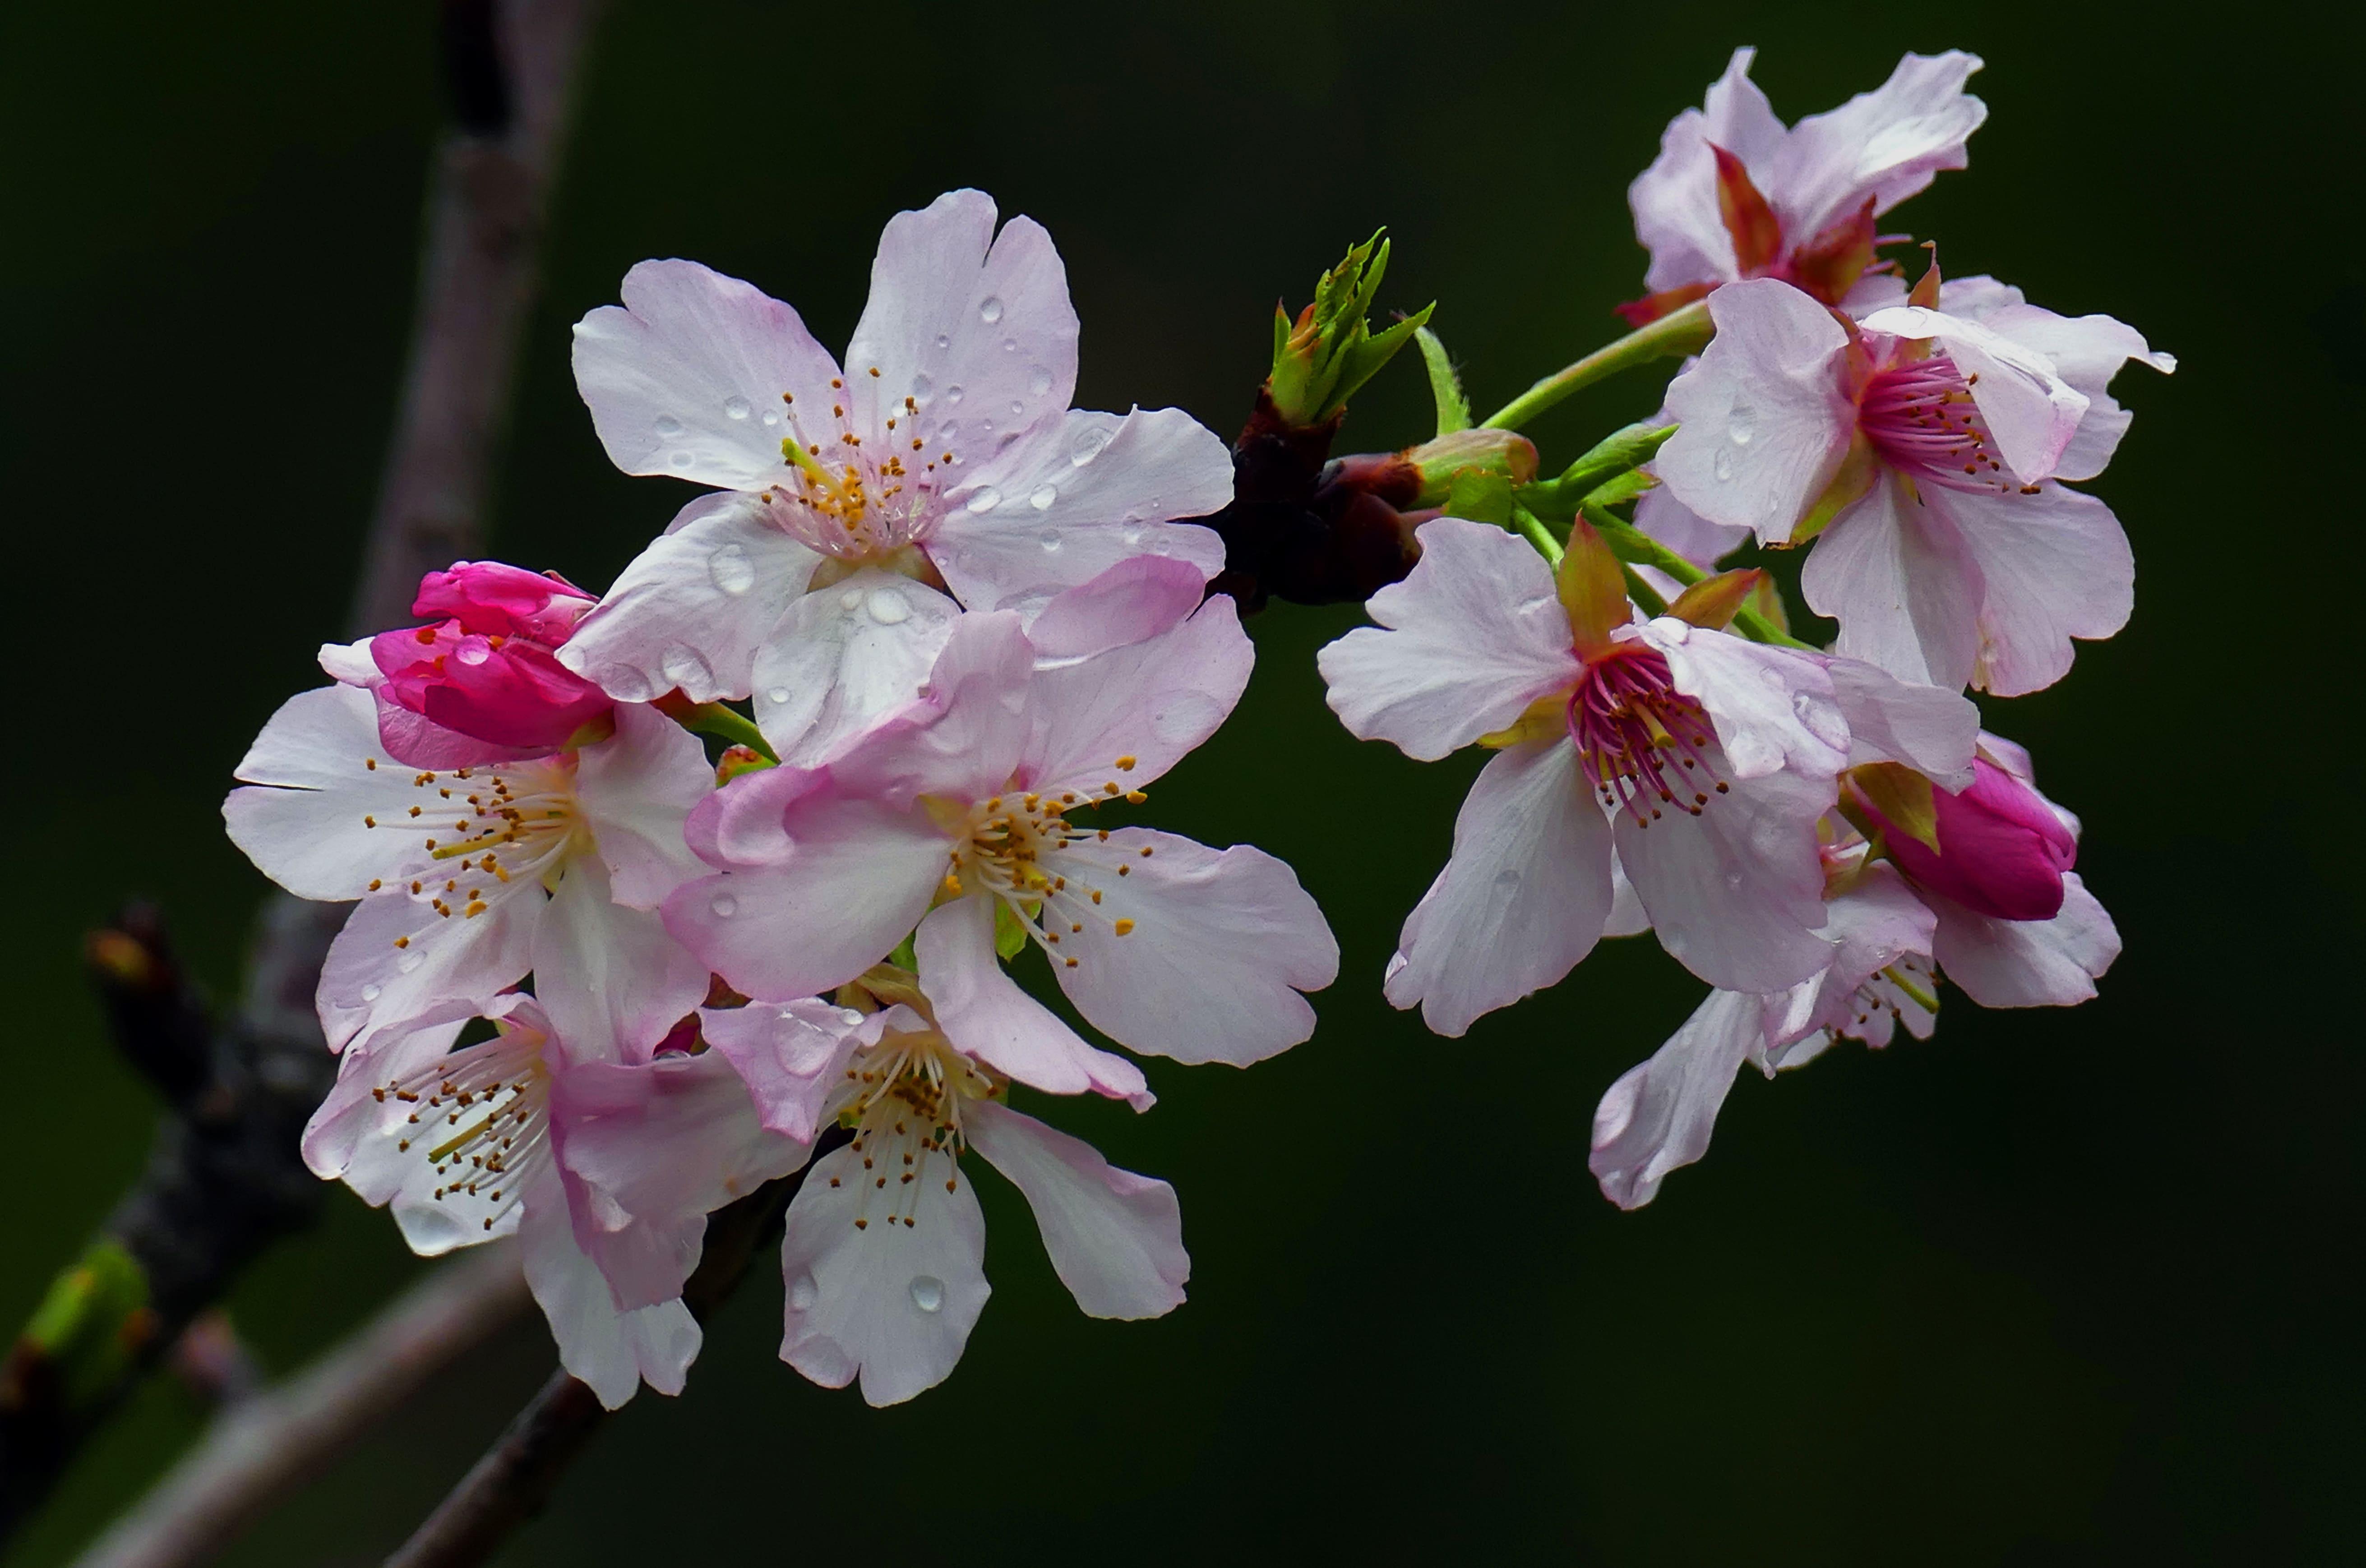 sakura-in-bloom-59